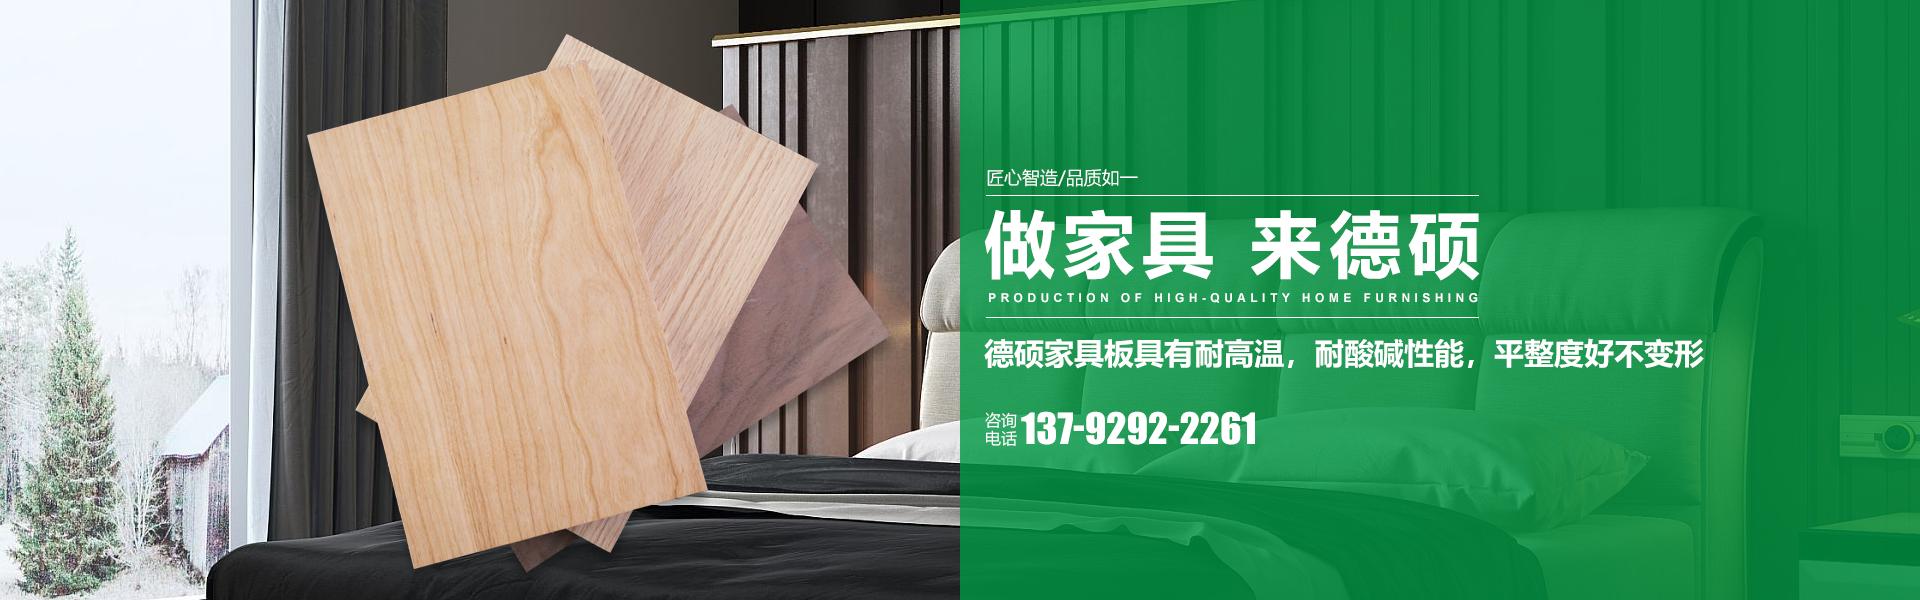 临沂多层板生态板,桐木生态板厂家,山东马六甲生态板,实�竞裥旧迮�